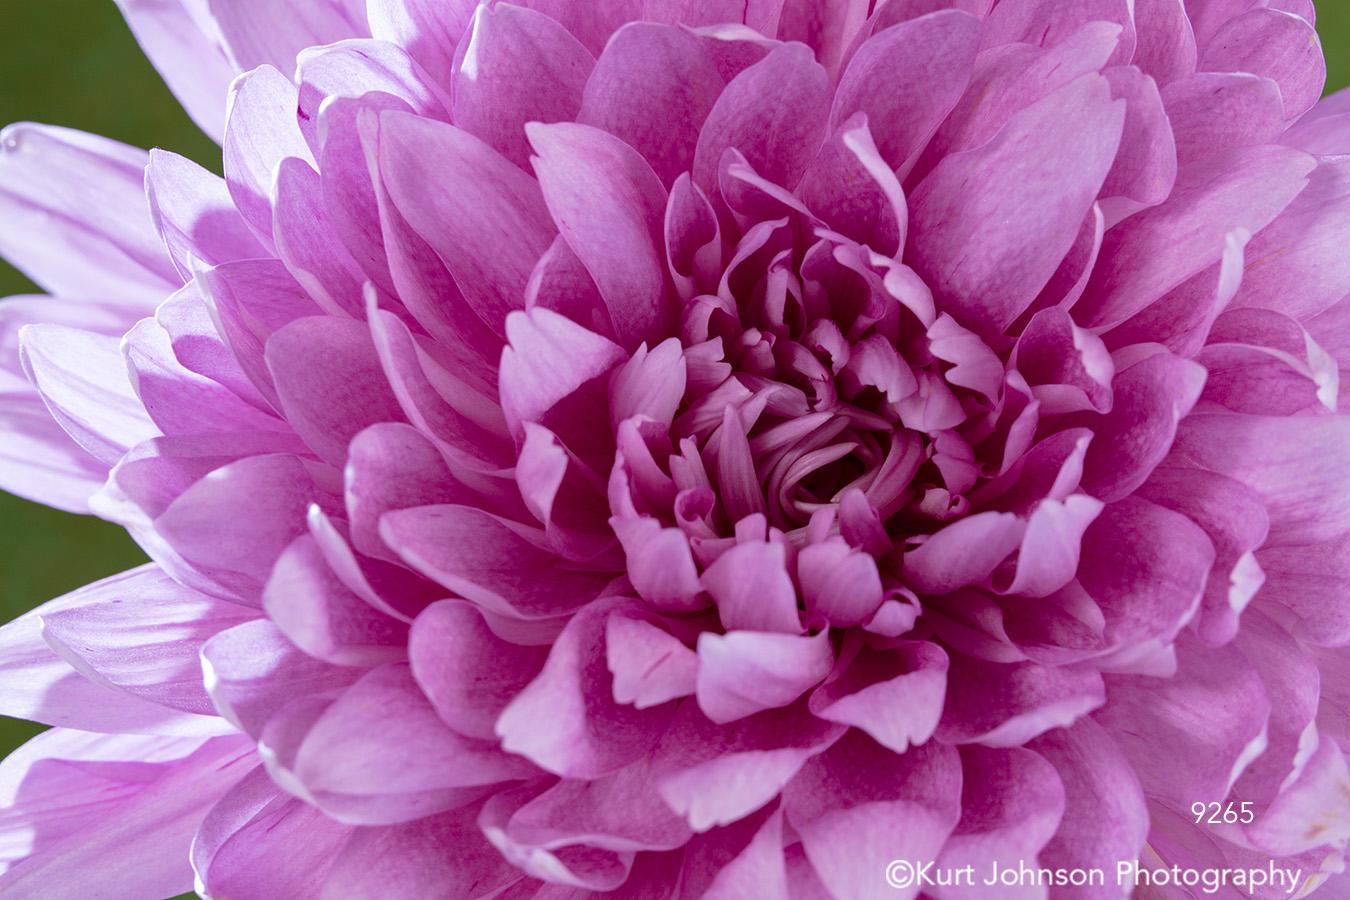 pink flower petals chrysanthemum close up pattern detail macro